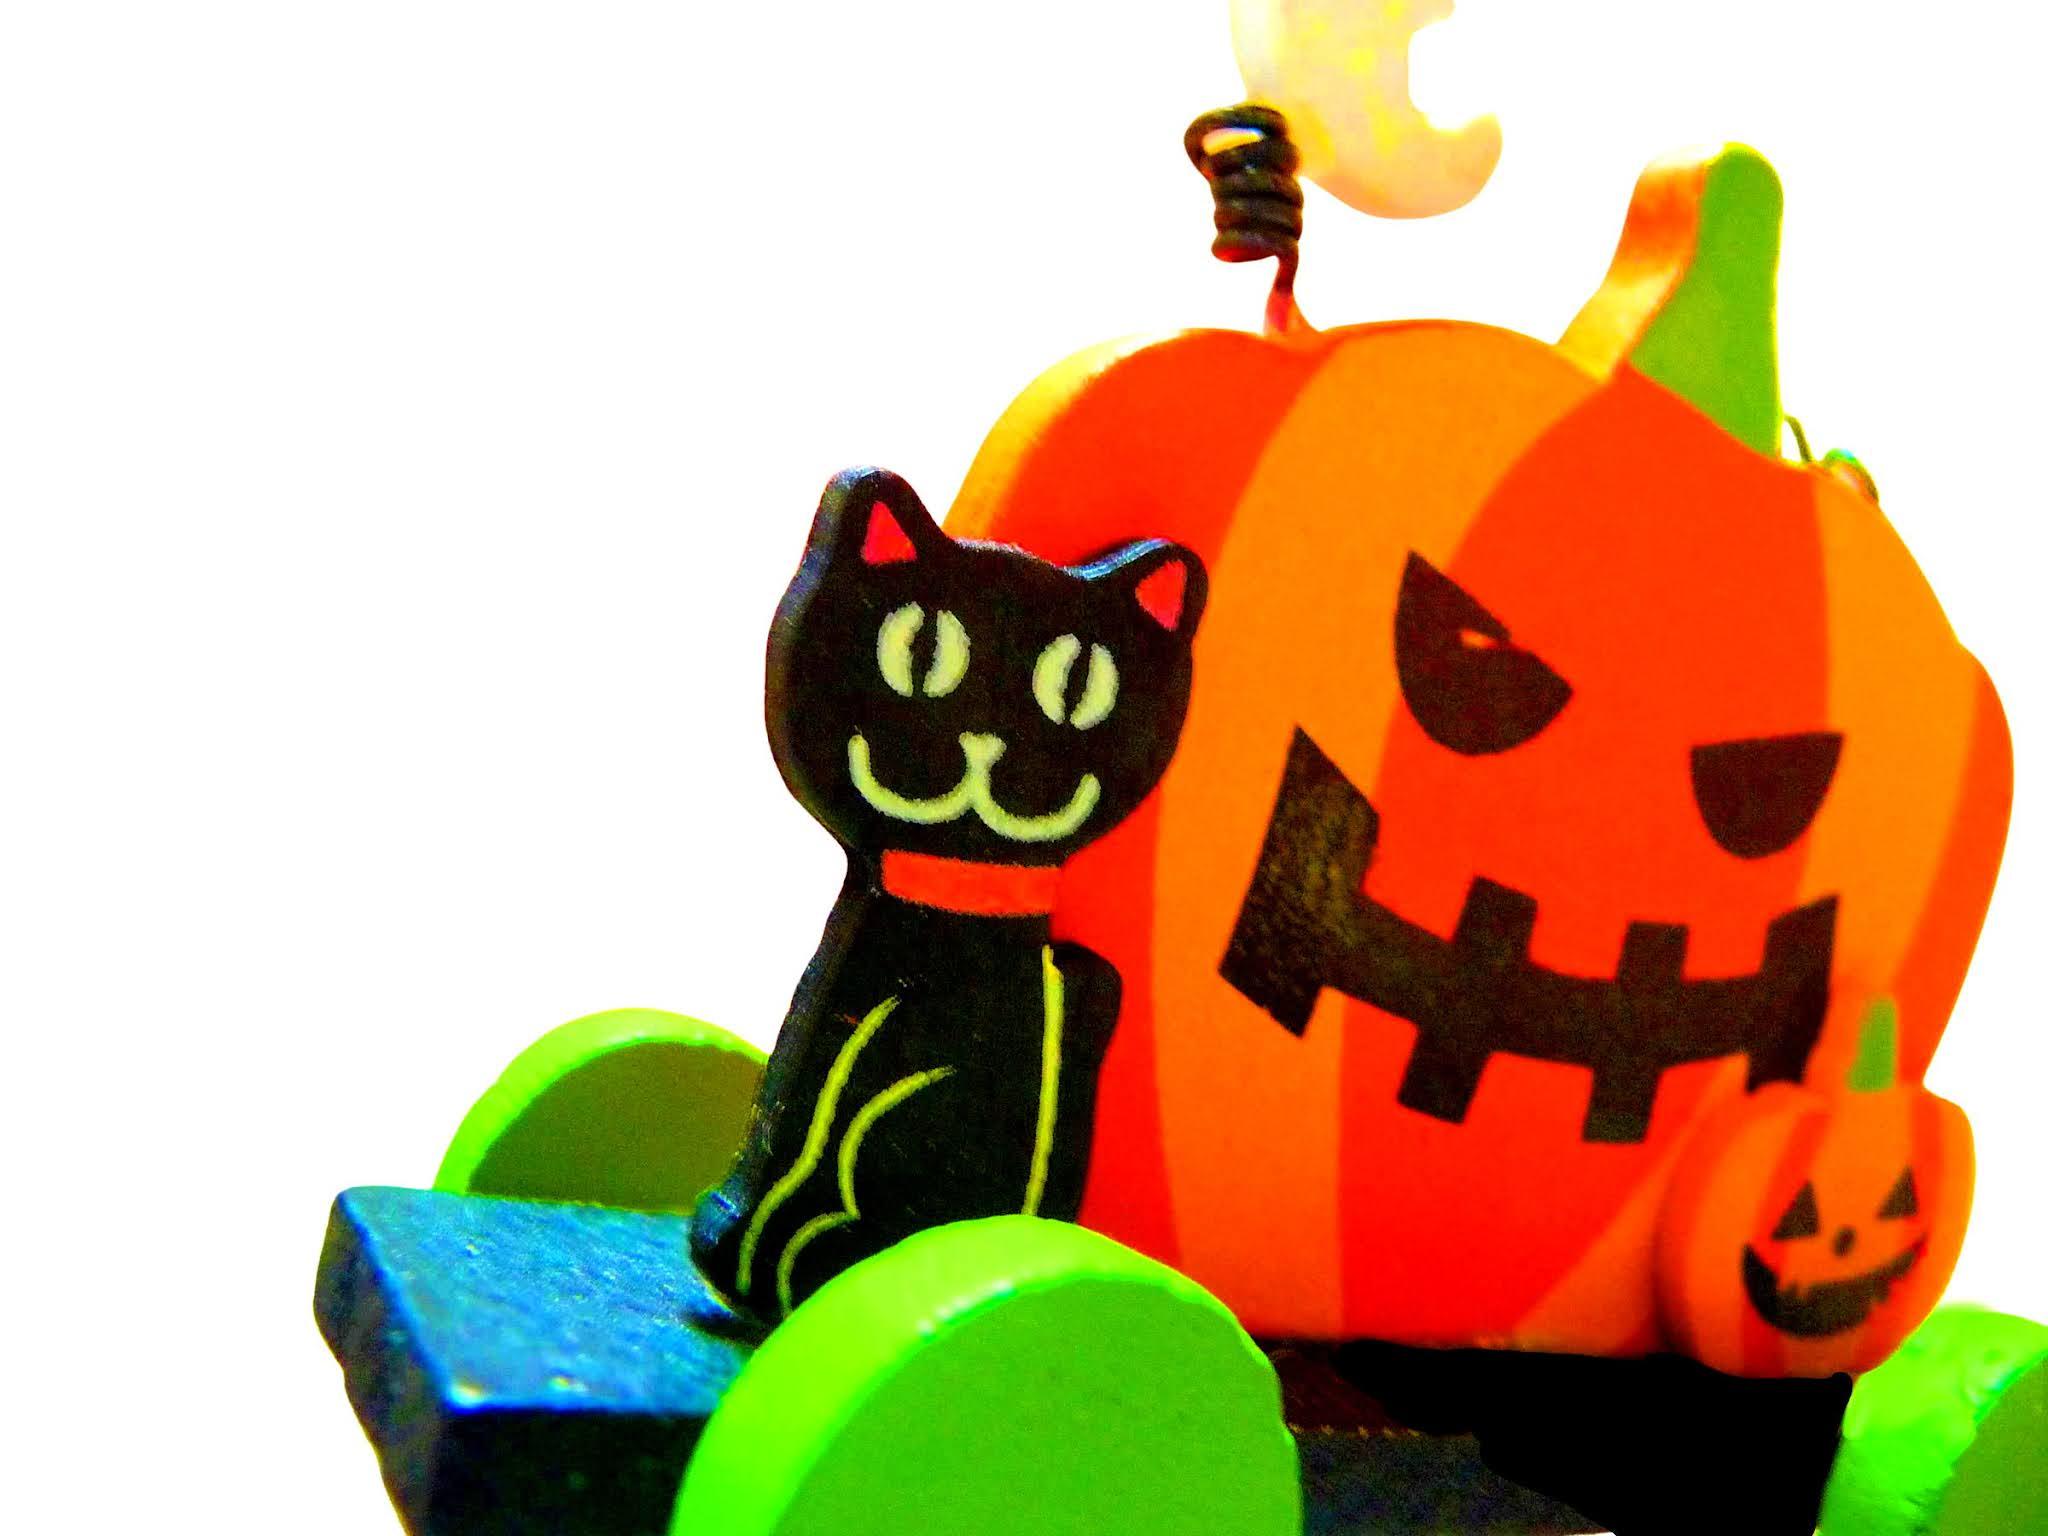 ハロウィン,かぼちゃ,秋,黒猫,雑貨,写真素材,autumn cherry blossoms, cosmos, autumn, flower, landscape, photograph